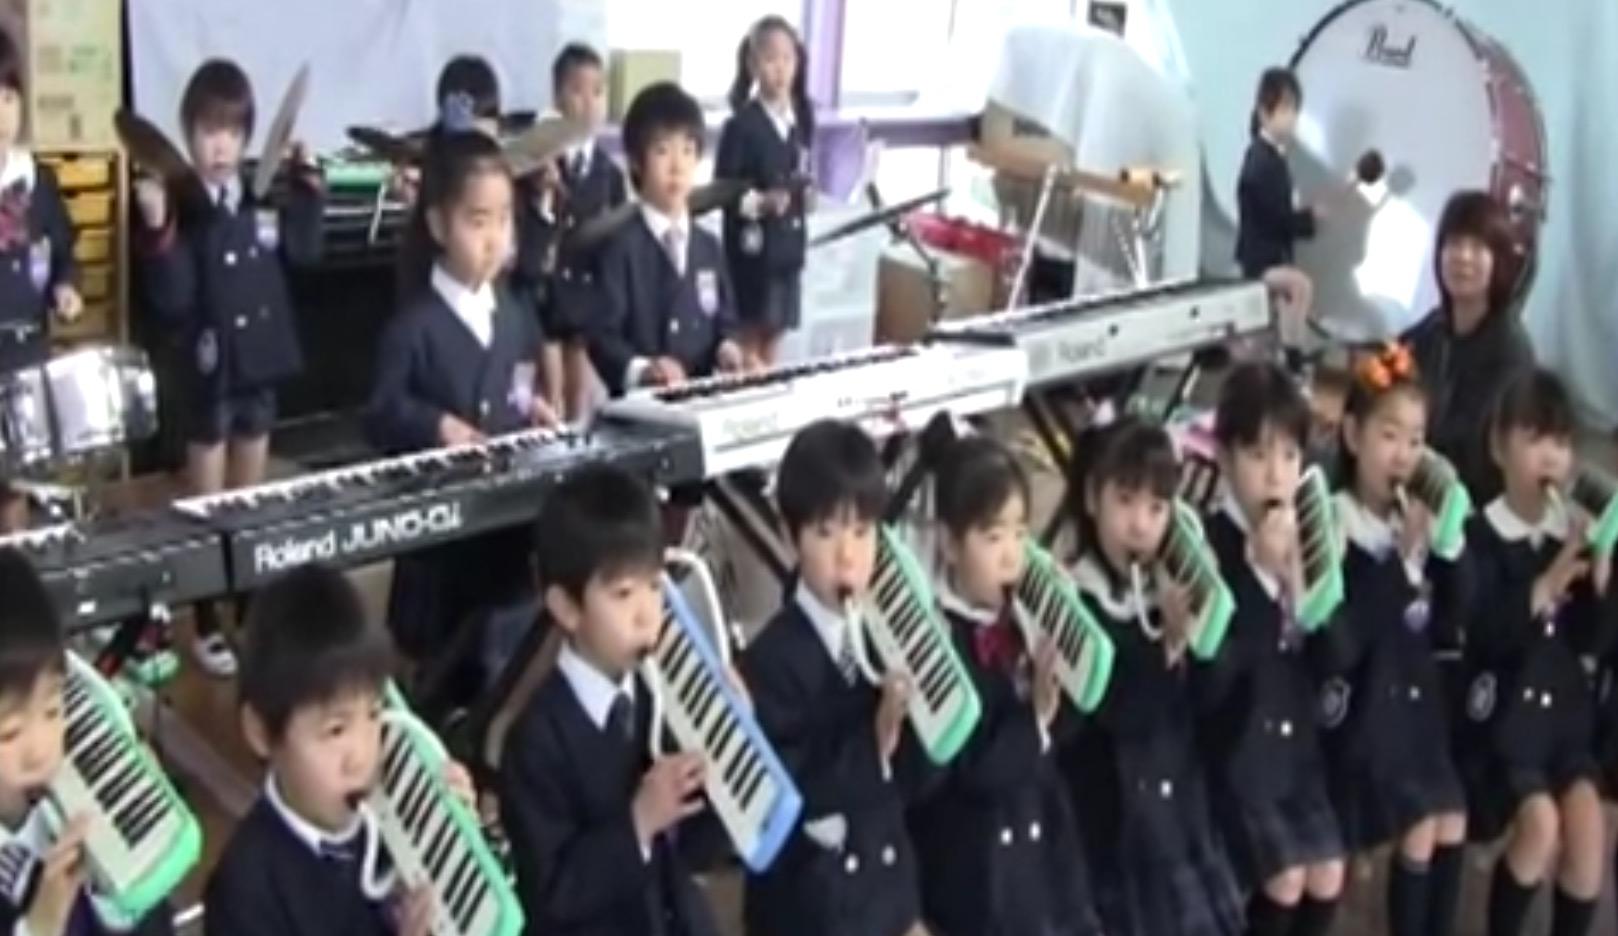 幼稚園児によるオーケストラ演奏のクオリティが凄い!しかし、賛否両論のコメントが、、